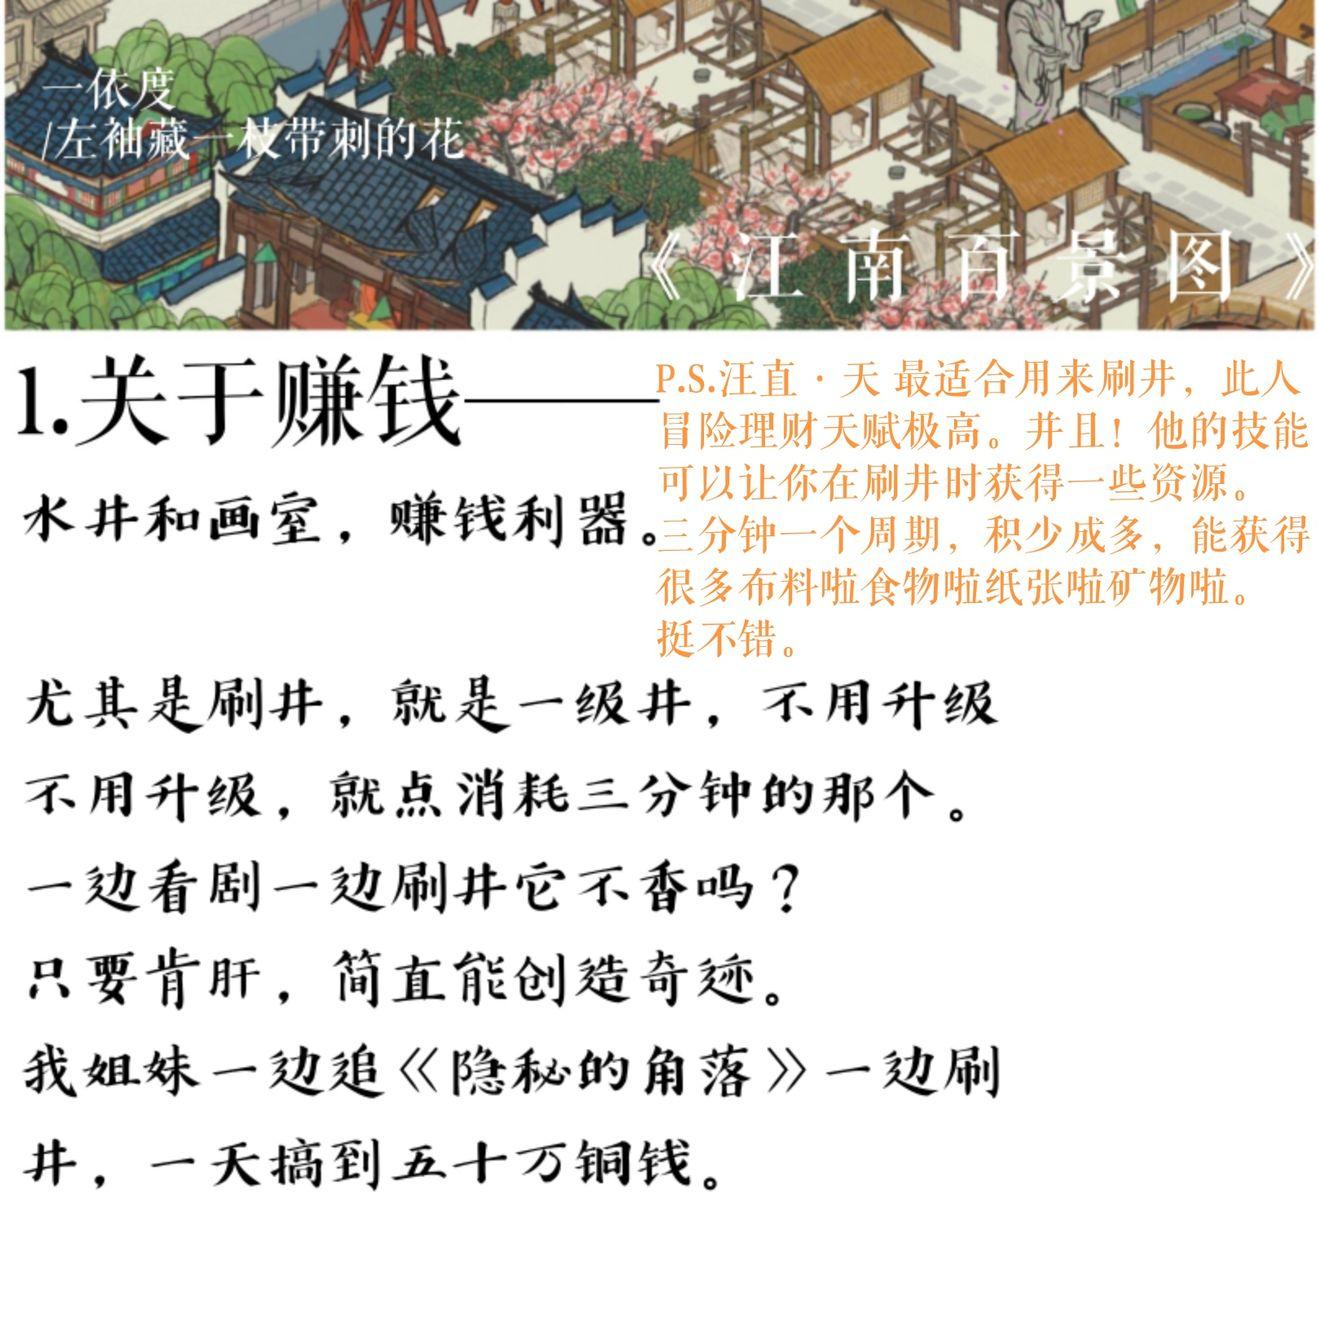 江南百景图汪直使用攻略 汪直刷井教学